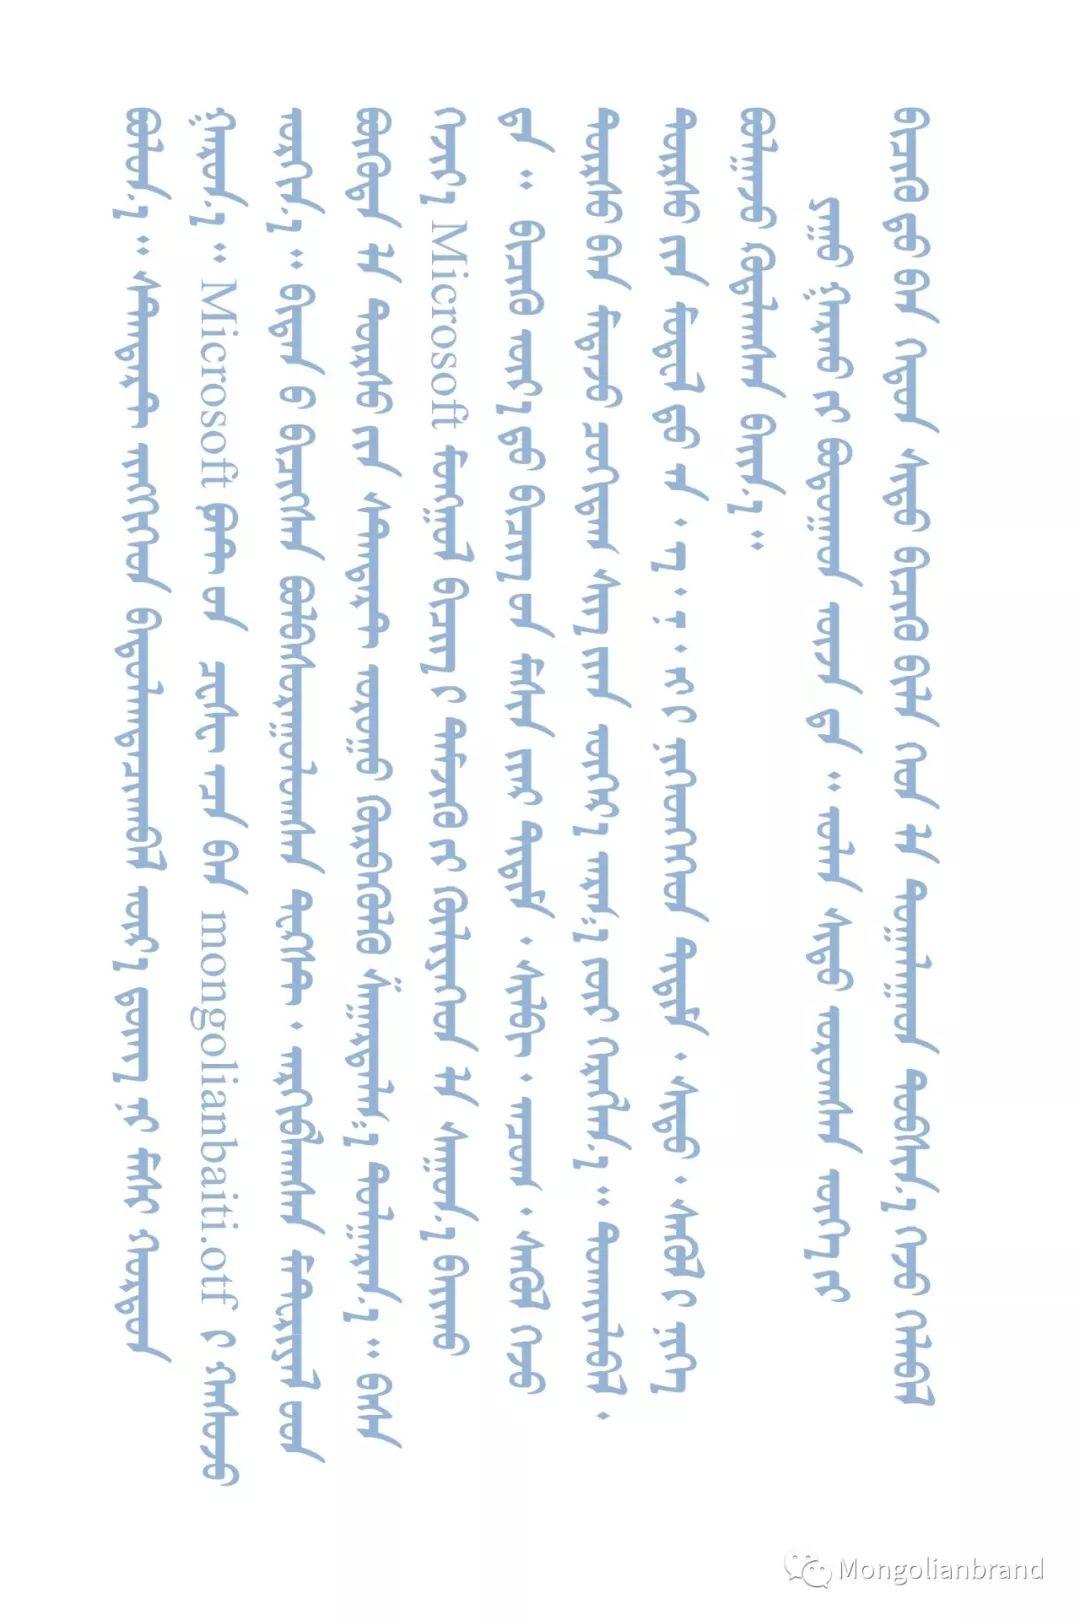 蒙古字体设计专家Jamiyansuren:让每个蒙古人掌握传统蒙古文是我们的终极目标 第10张 蒙古字体设计专家Jamiyansuren:让每个蒙古人掌握传统蒙古文是我们的终极目标 蒙古文化